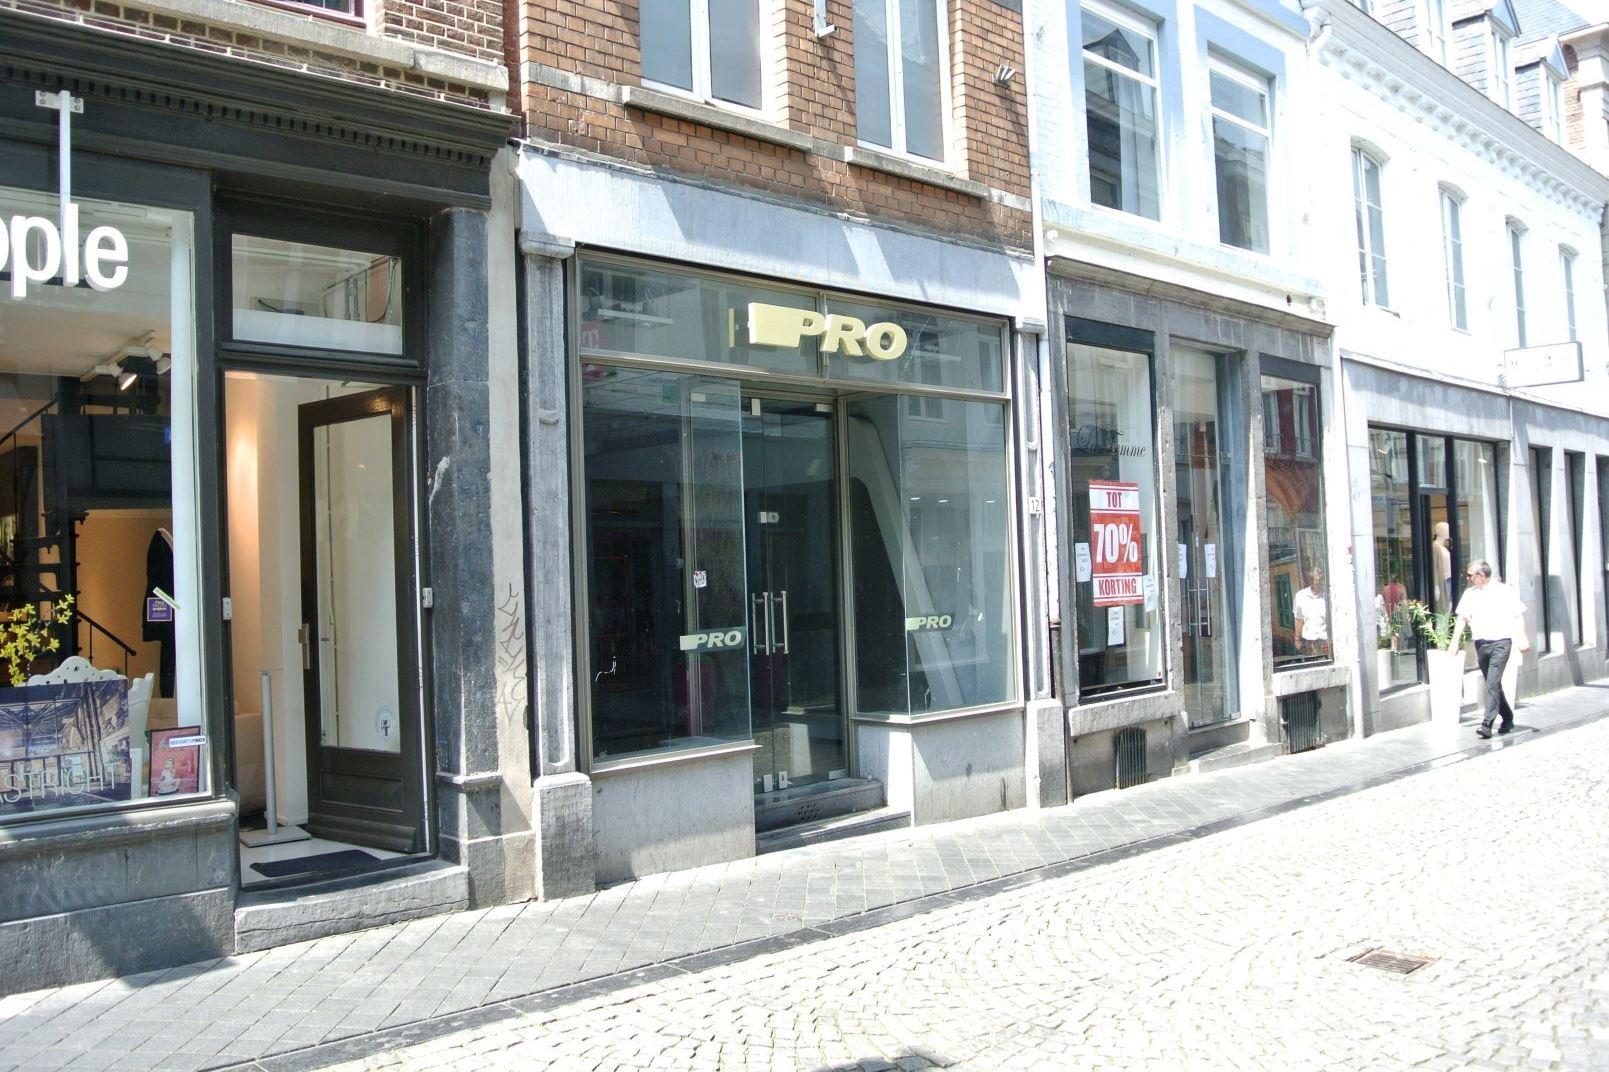 Winkel maastricht zoek winkels te huur spilstraat 12 6211 cp maastricht funda in business - Maastricht mobel ...